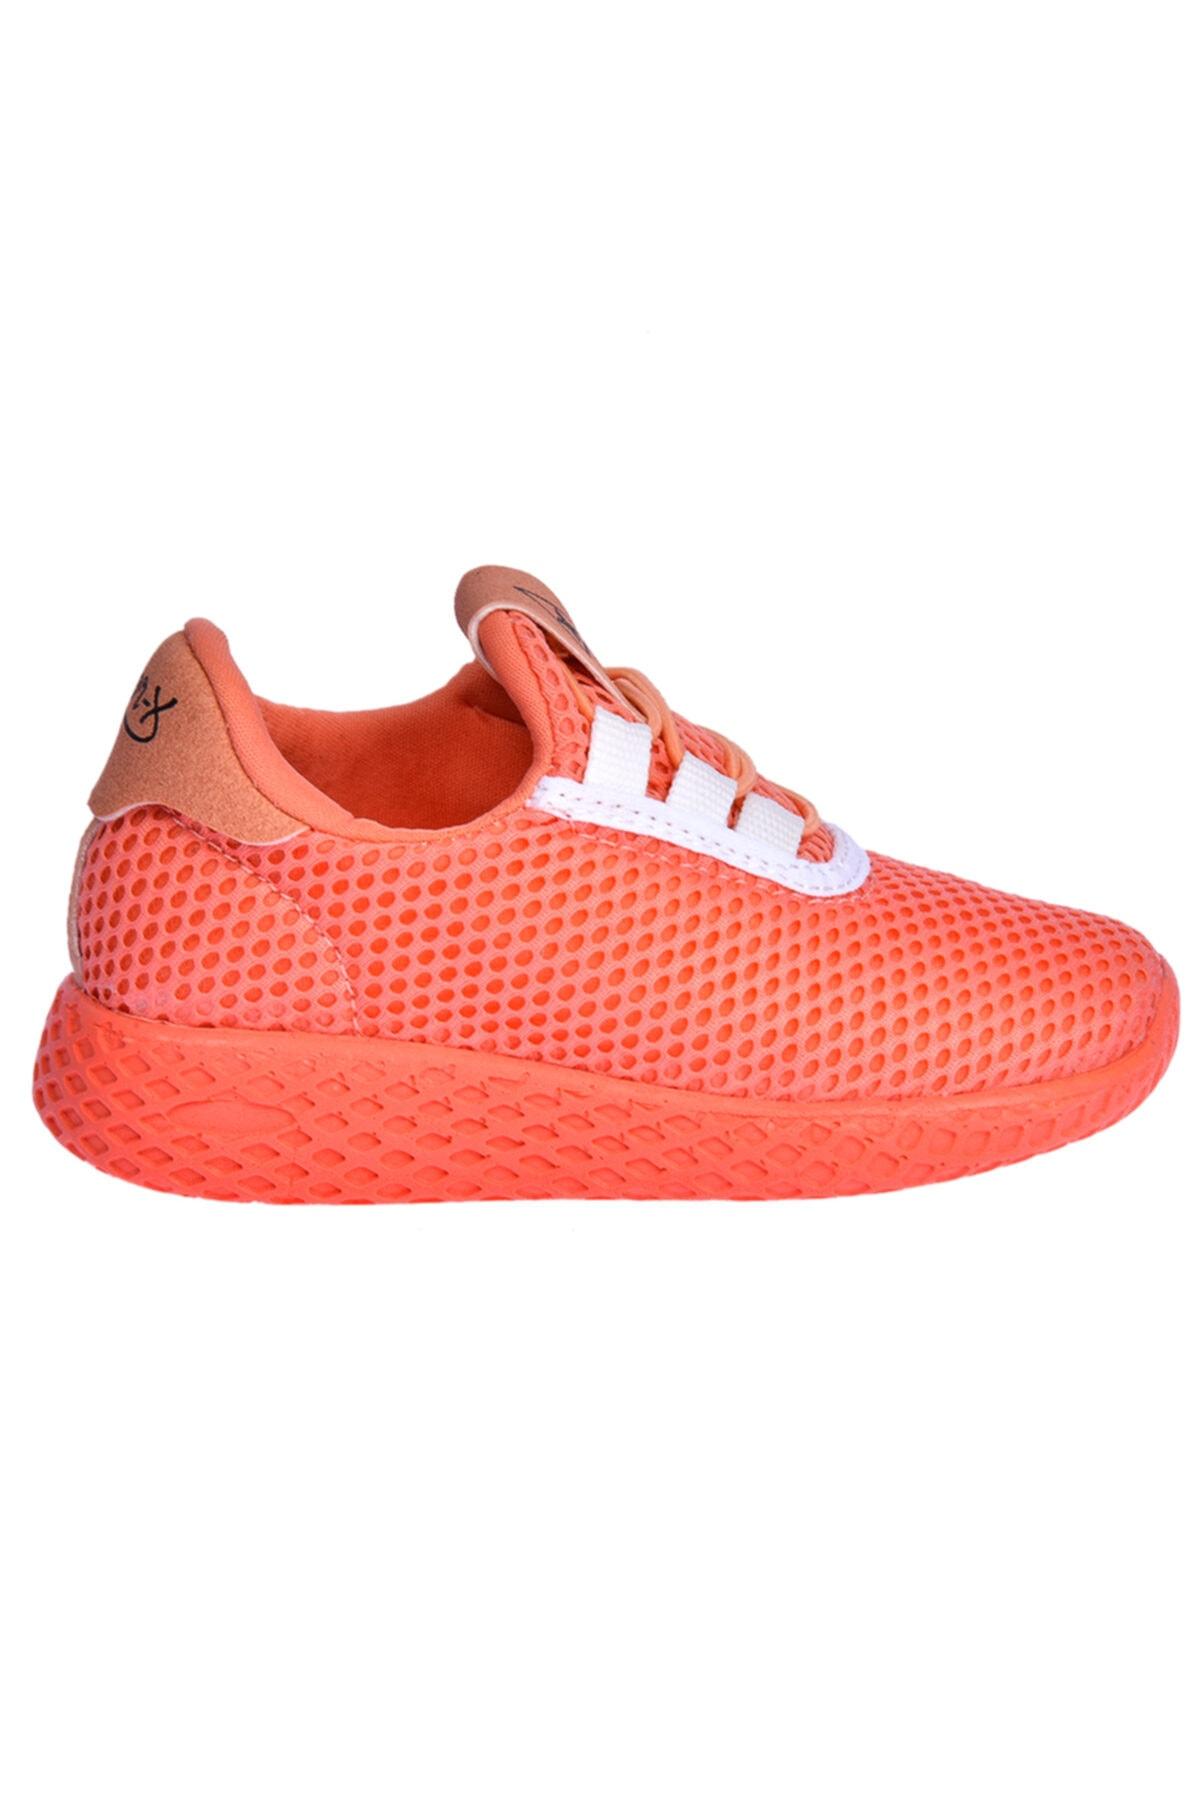 Ayakland Kiko Scor-x 100 Günlük Fileli Kız/erkek Çocuk Spor Ayakkabı 2